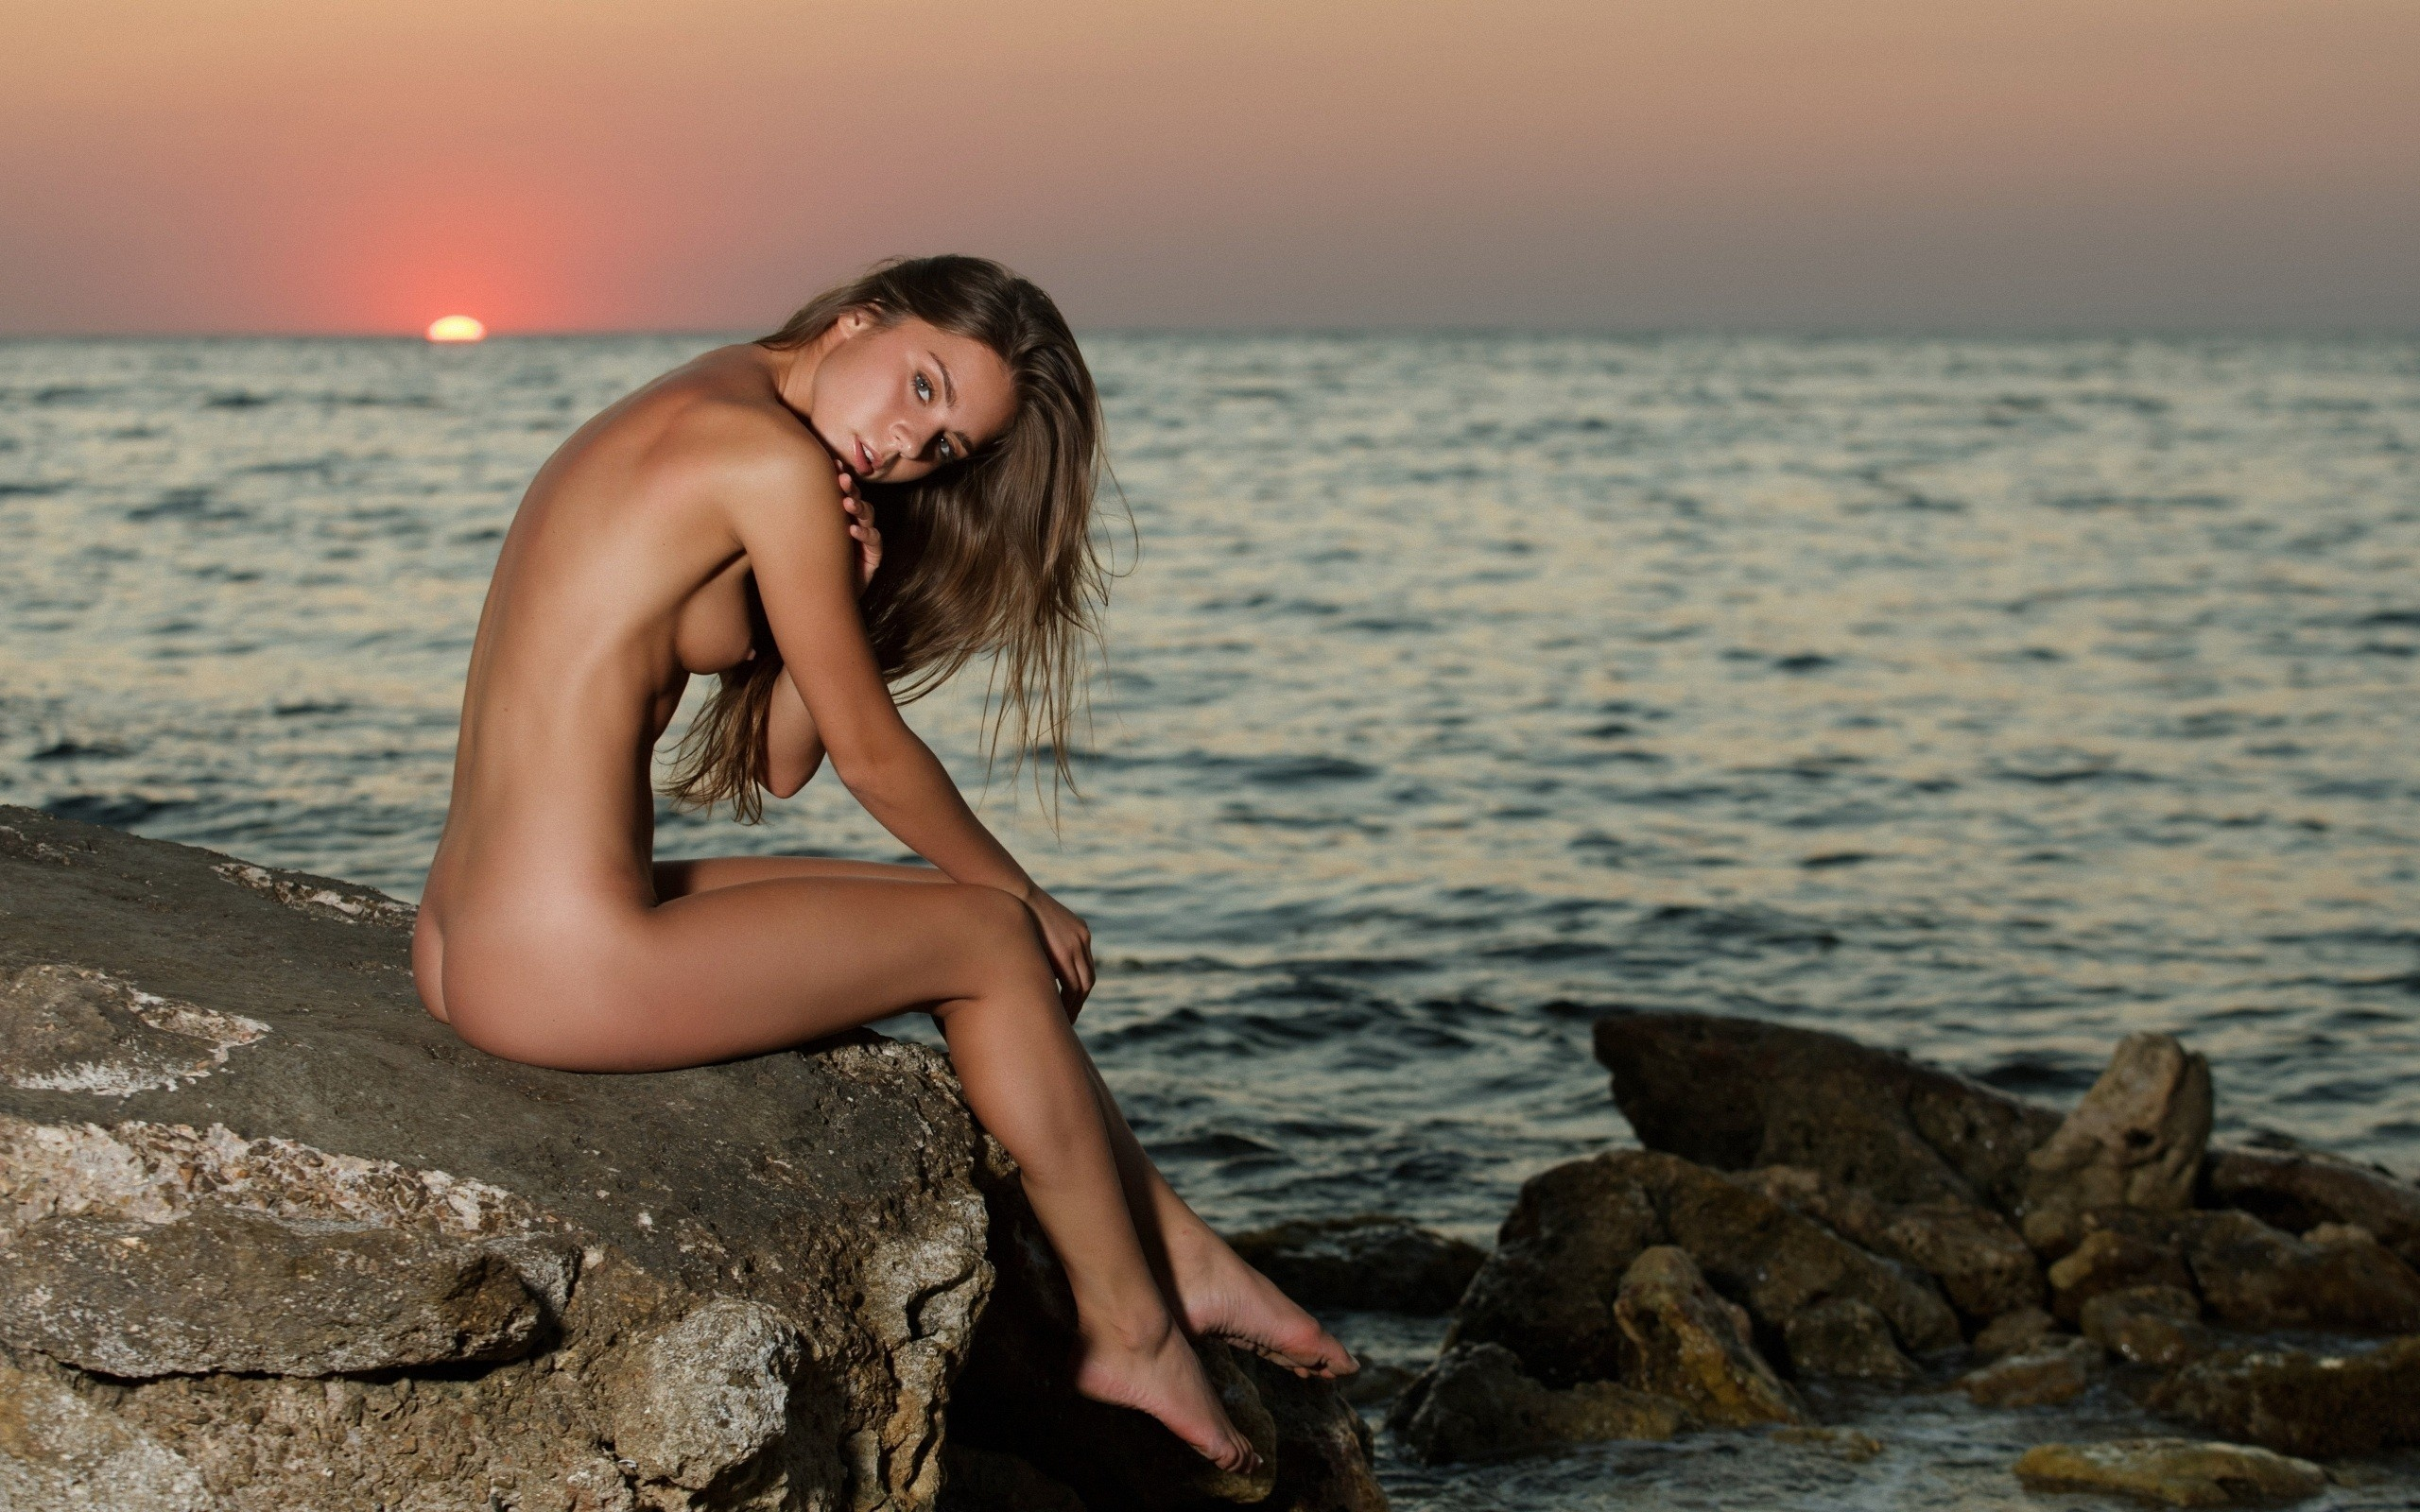 Голые девушки фото на берегу моря @ 18-porno.ru